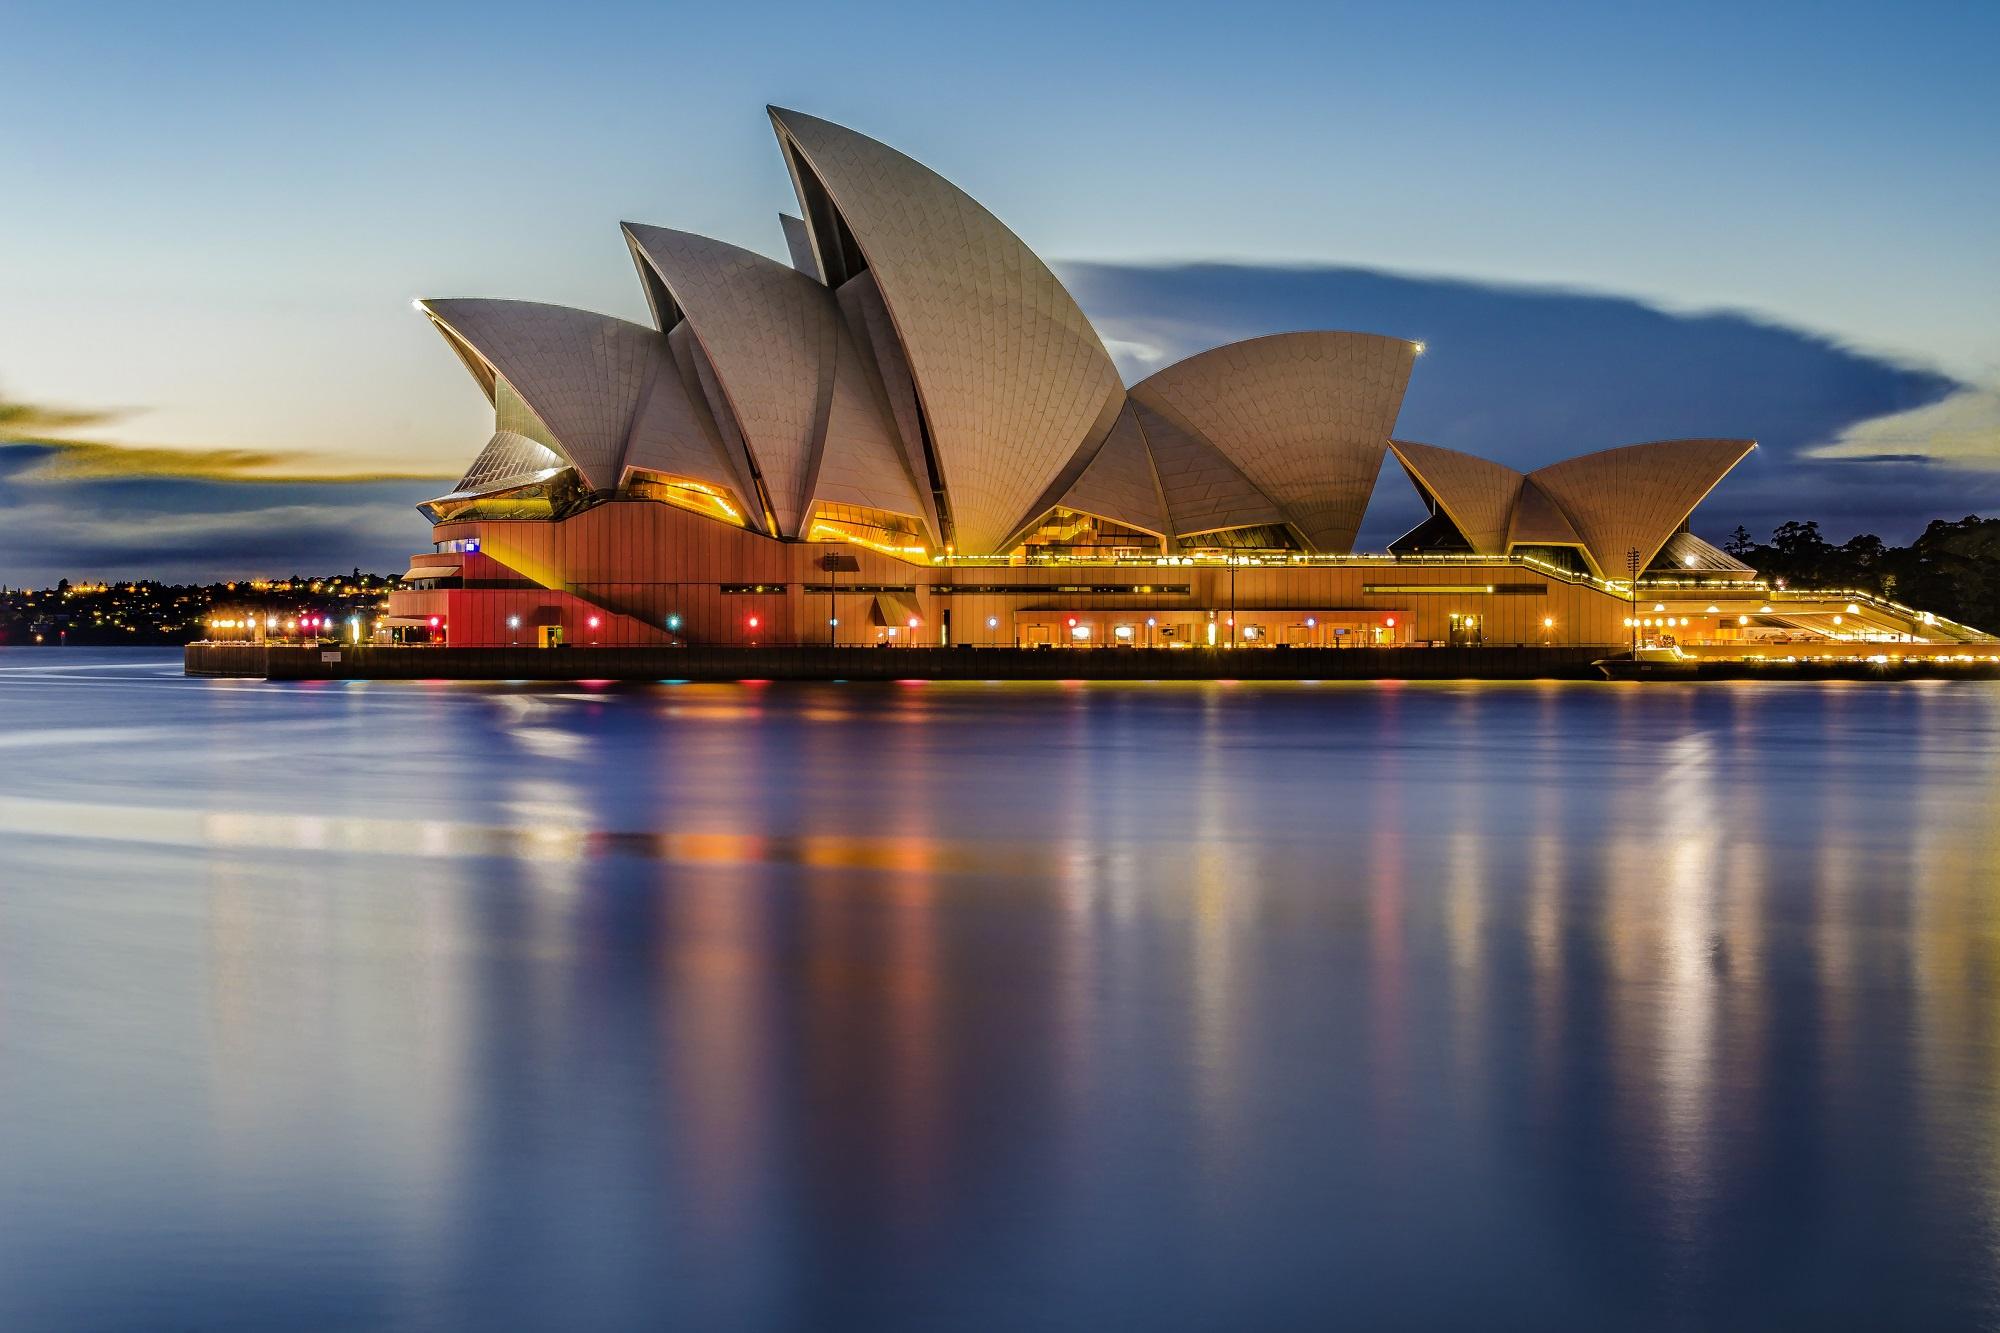 отель в Австралии  № 588660  скачать